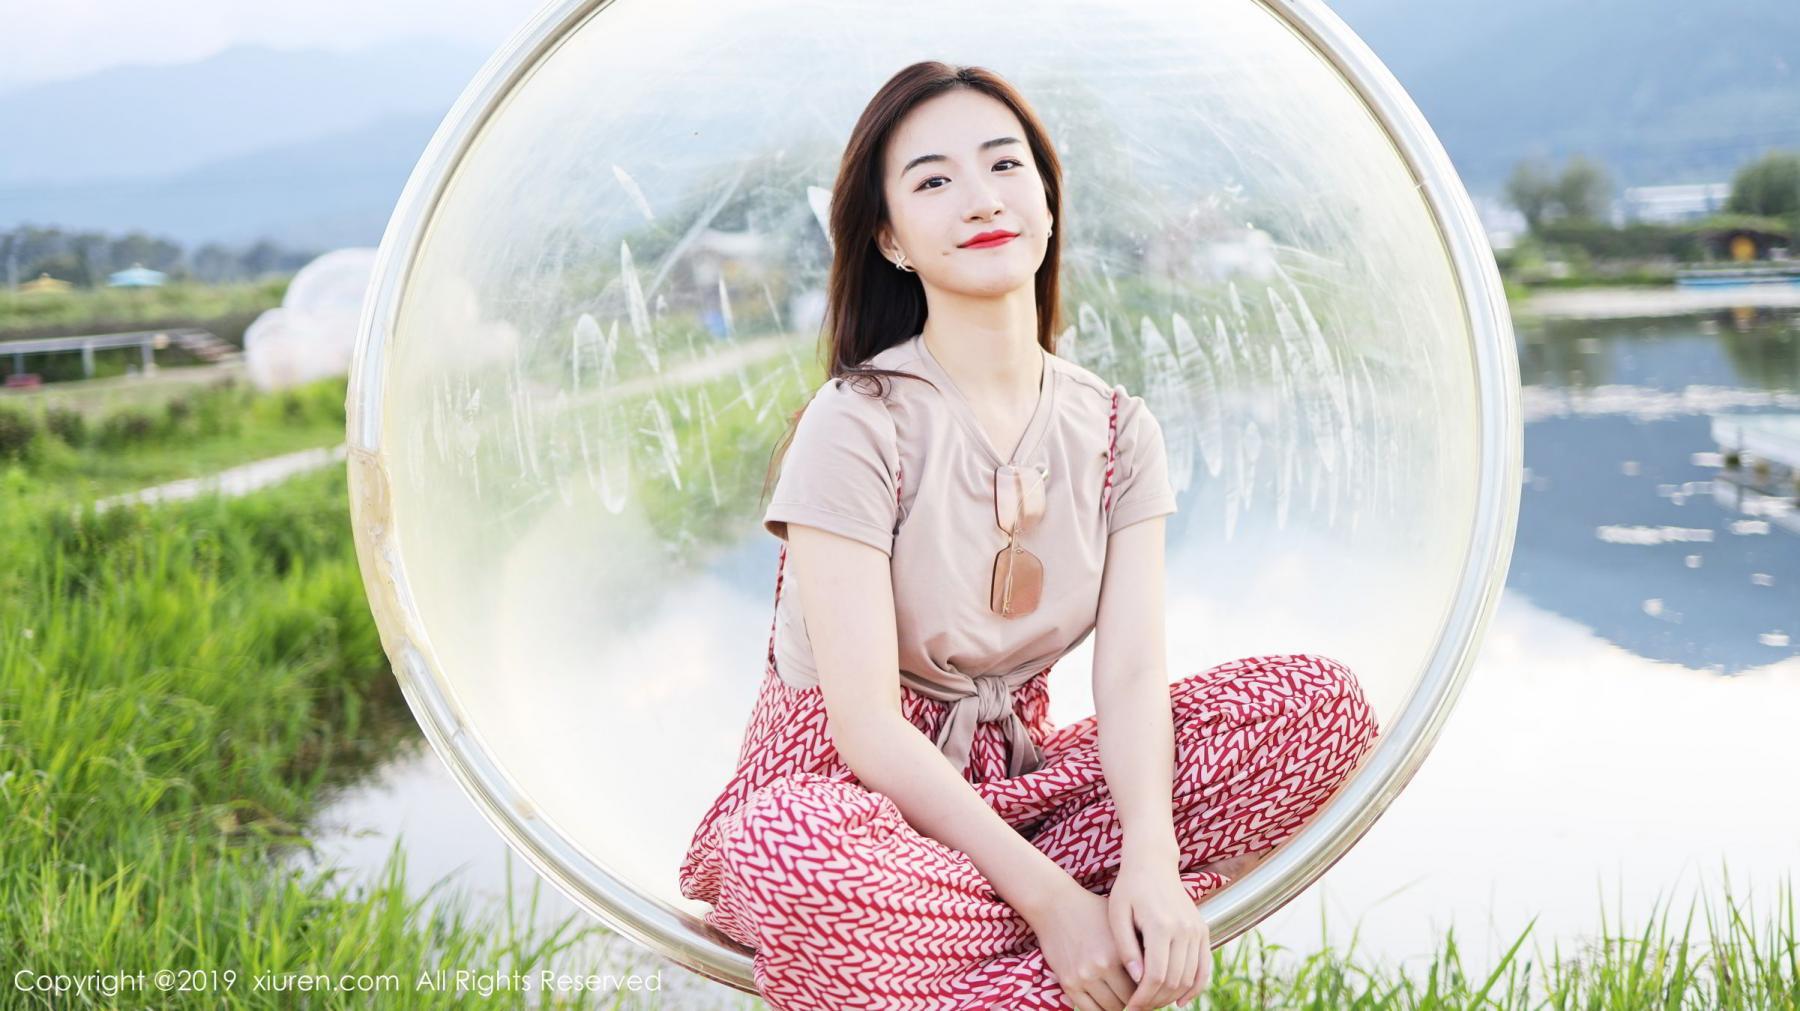 [XiuRen] Vol.1718 Gong Tian Yi 60P, Gong Tian Yi, Outdoor, Temperament, Xiuren